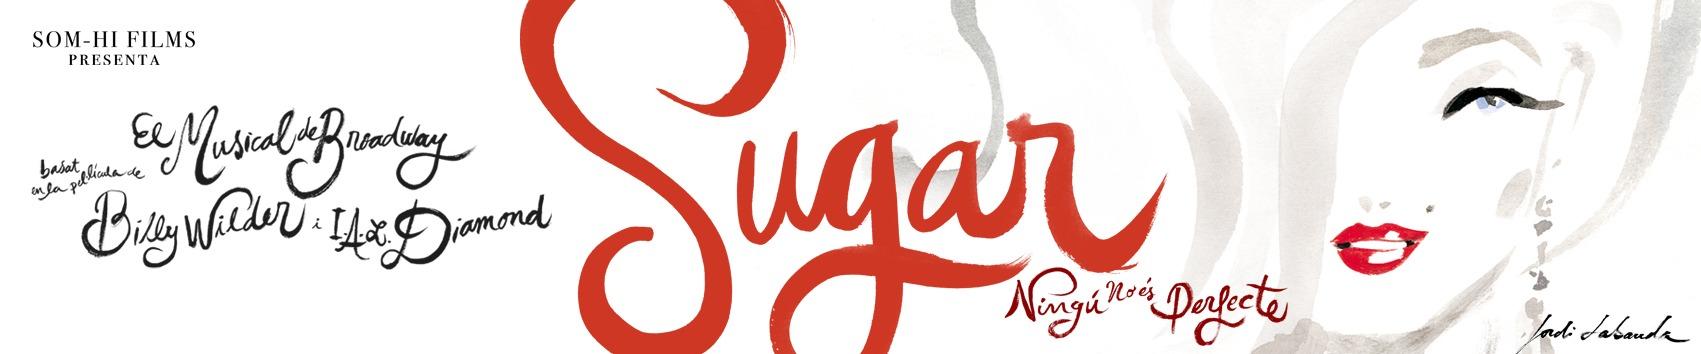 banner gaudi - Sugar